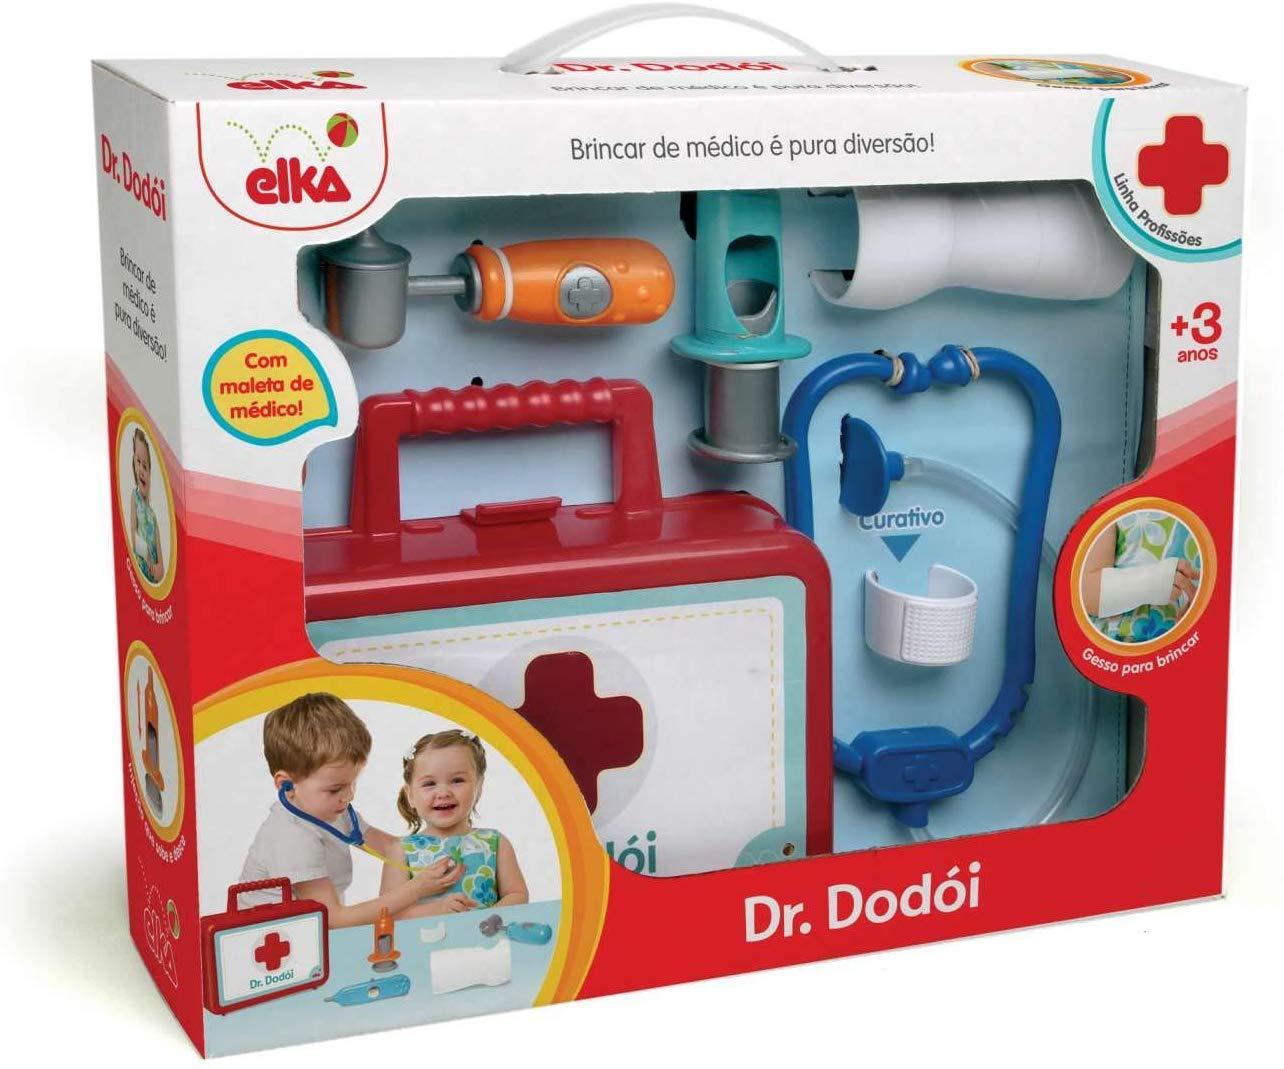 Kit Medico Dr. Dodói, Elka